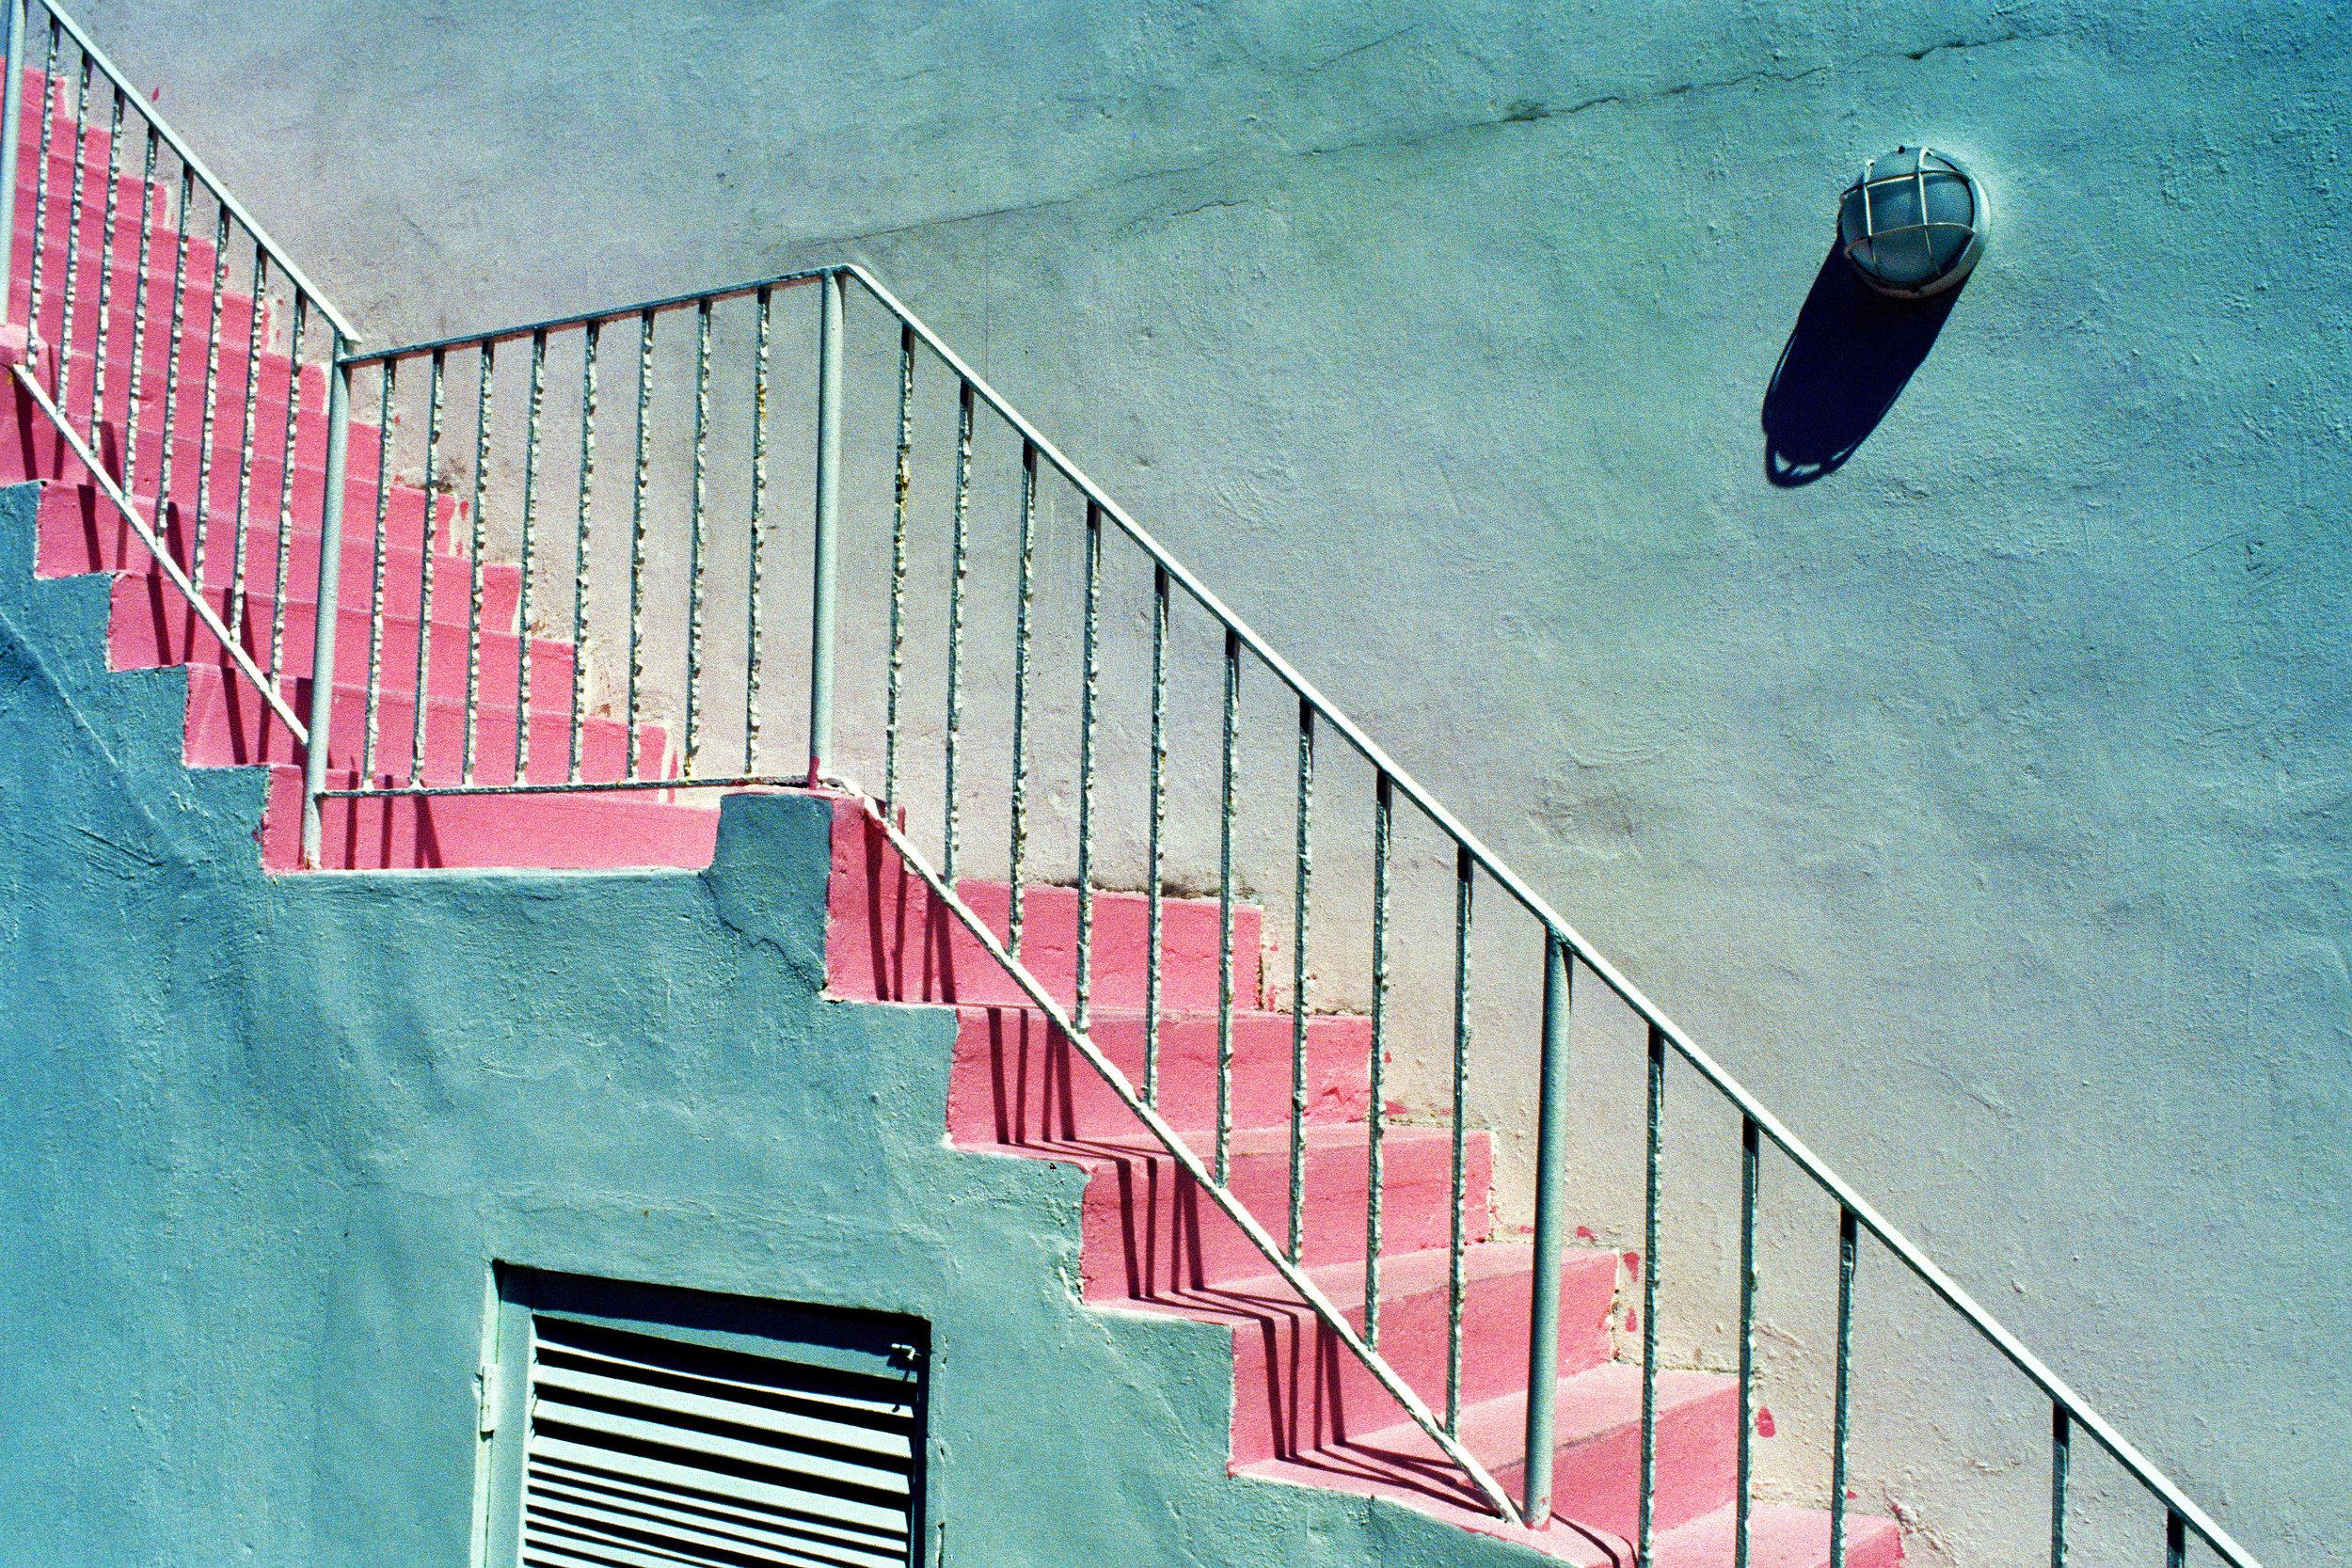 miami beach stairway  miami beach / florida